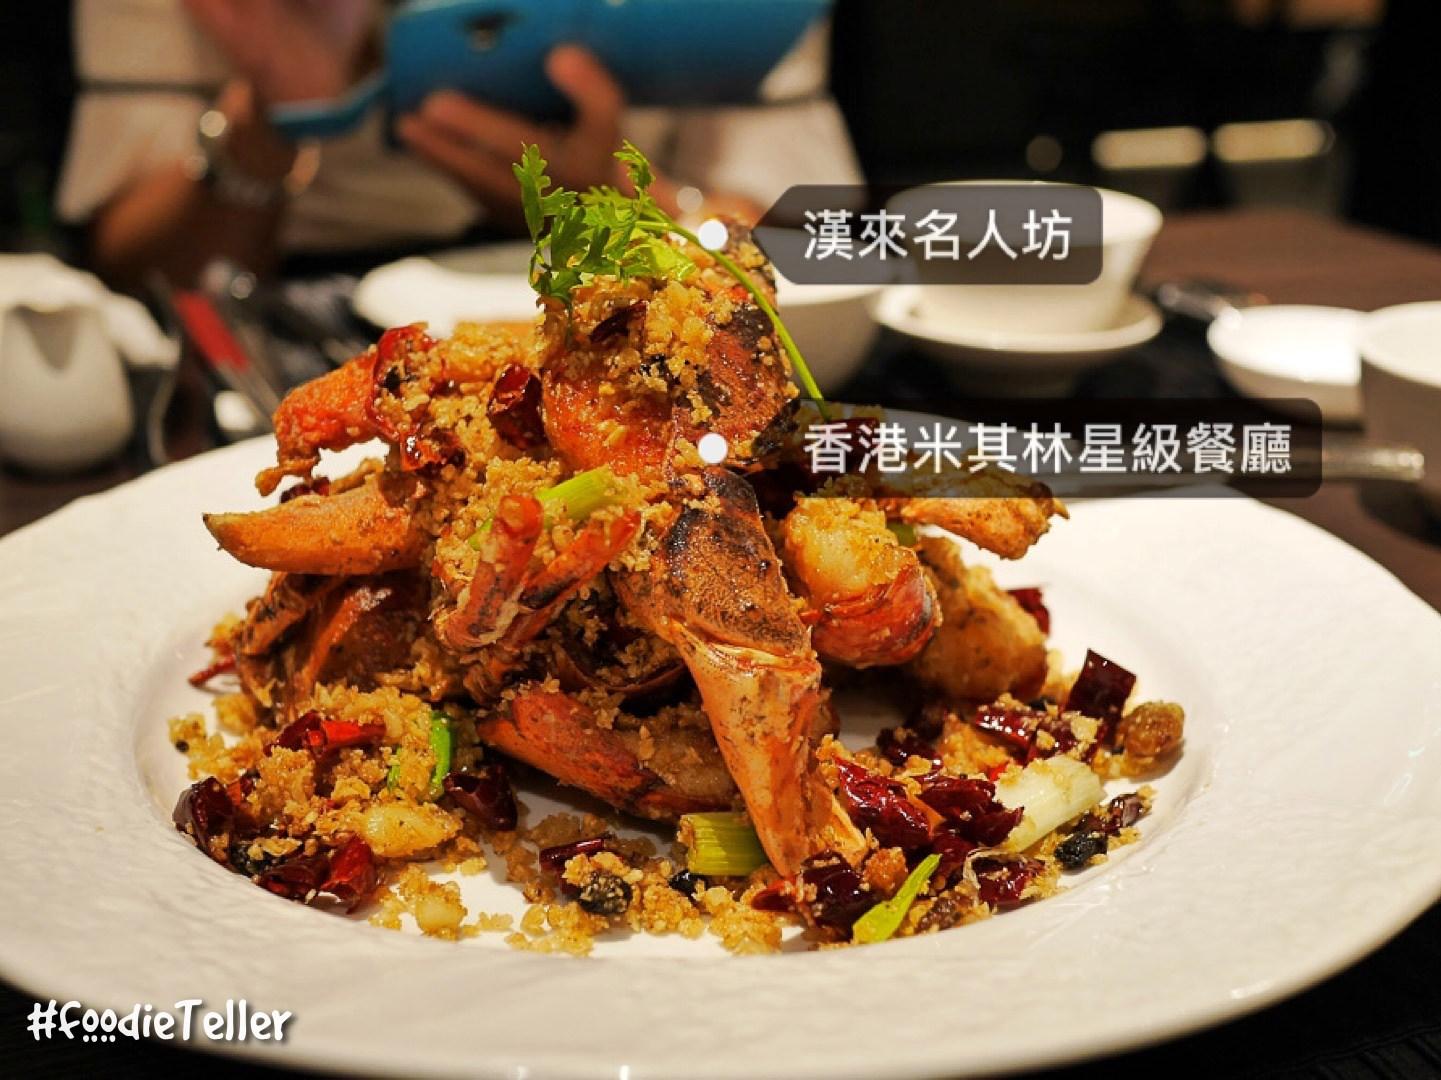 台南|漢來名人坊高級粵菜 香港米其林星級餐廳 !龍蝦、鮑魚、燕窩、魚翅一次滿足!